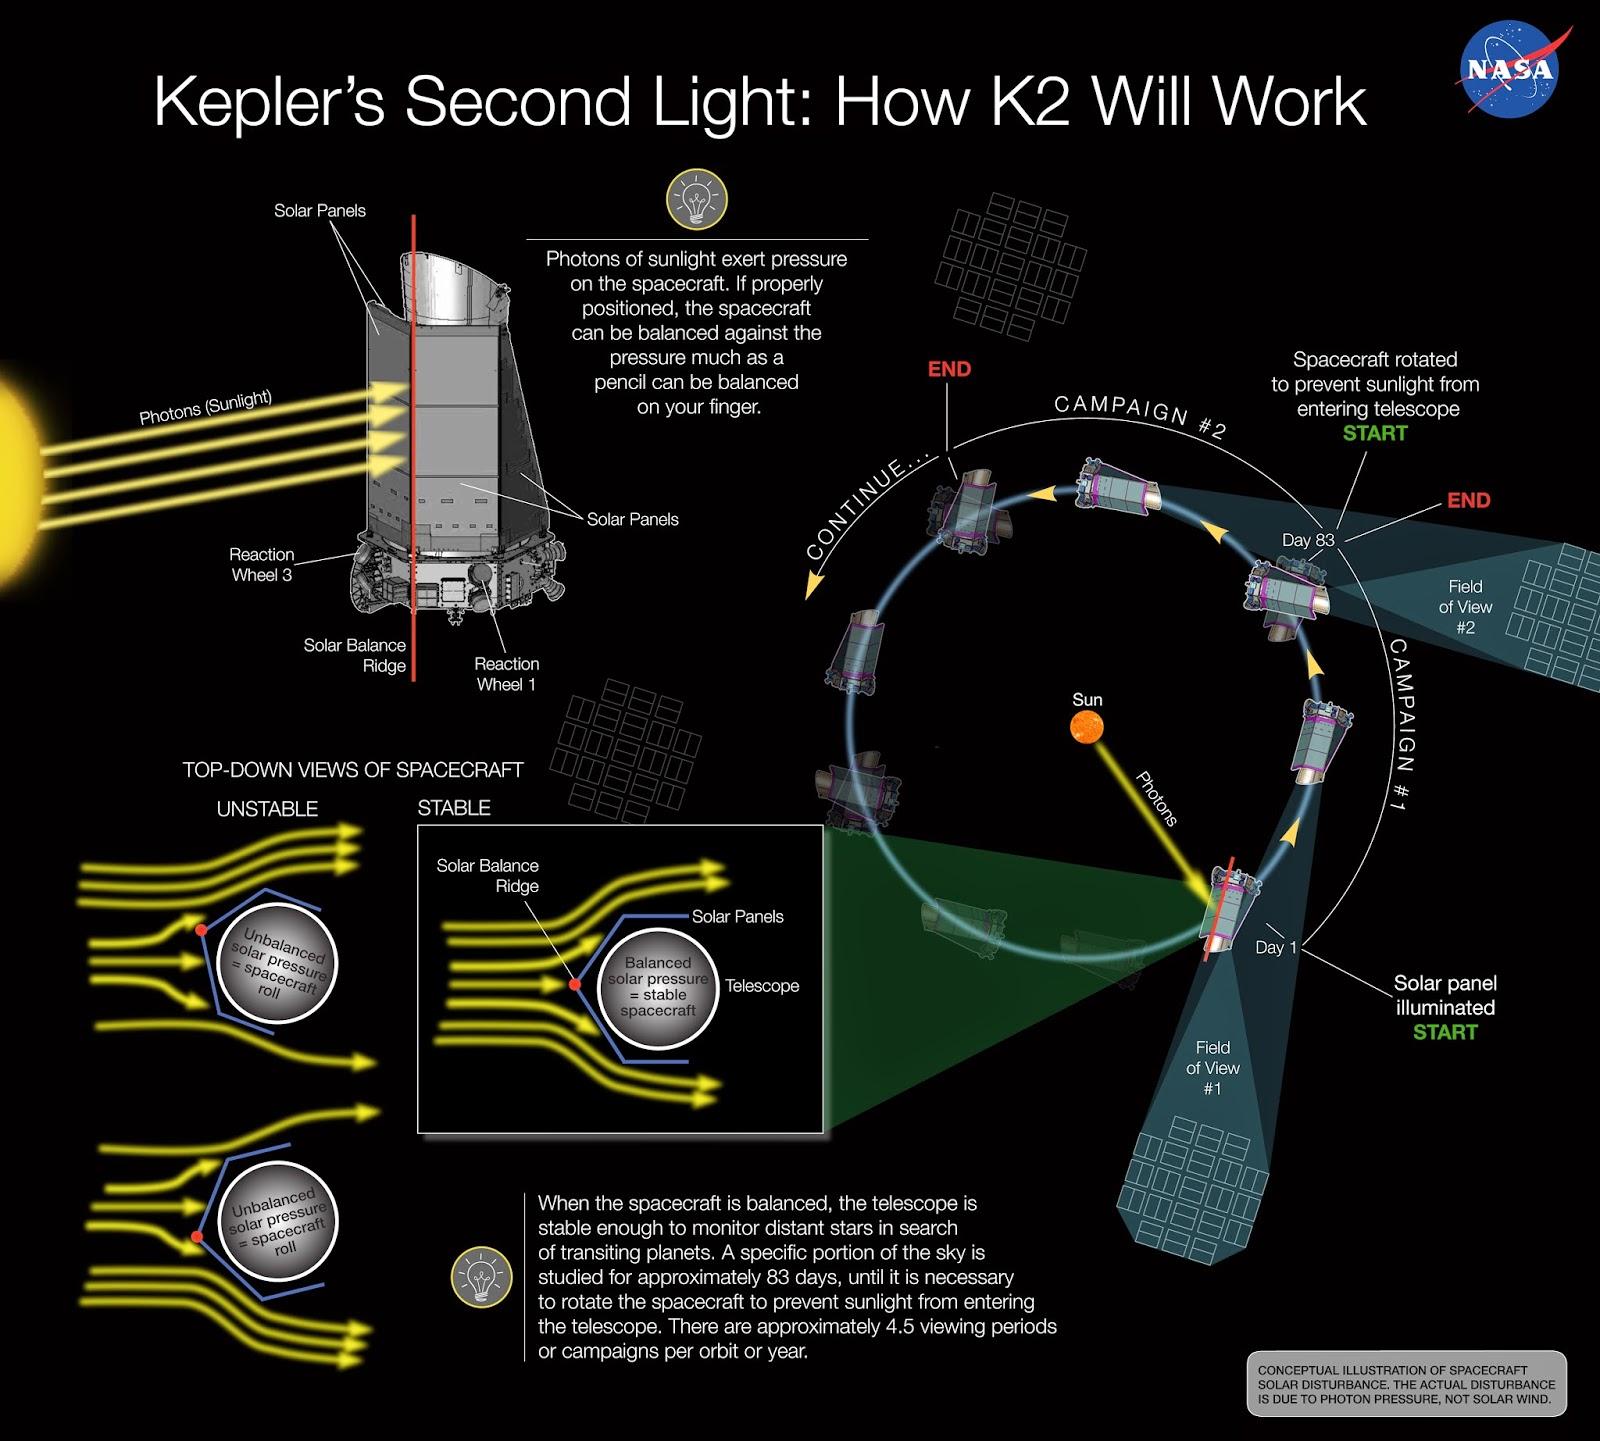 Segunda luz para el telescopio Kepler